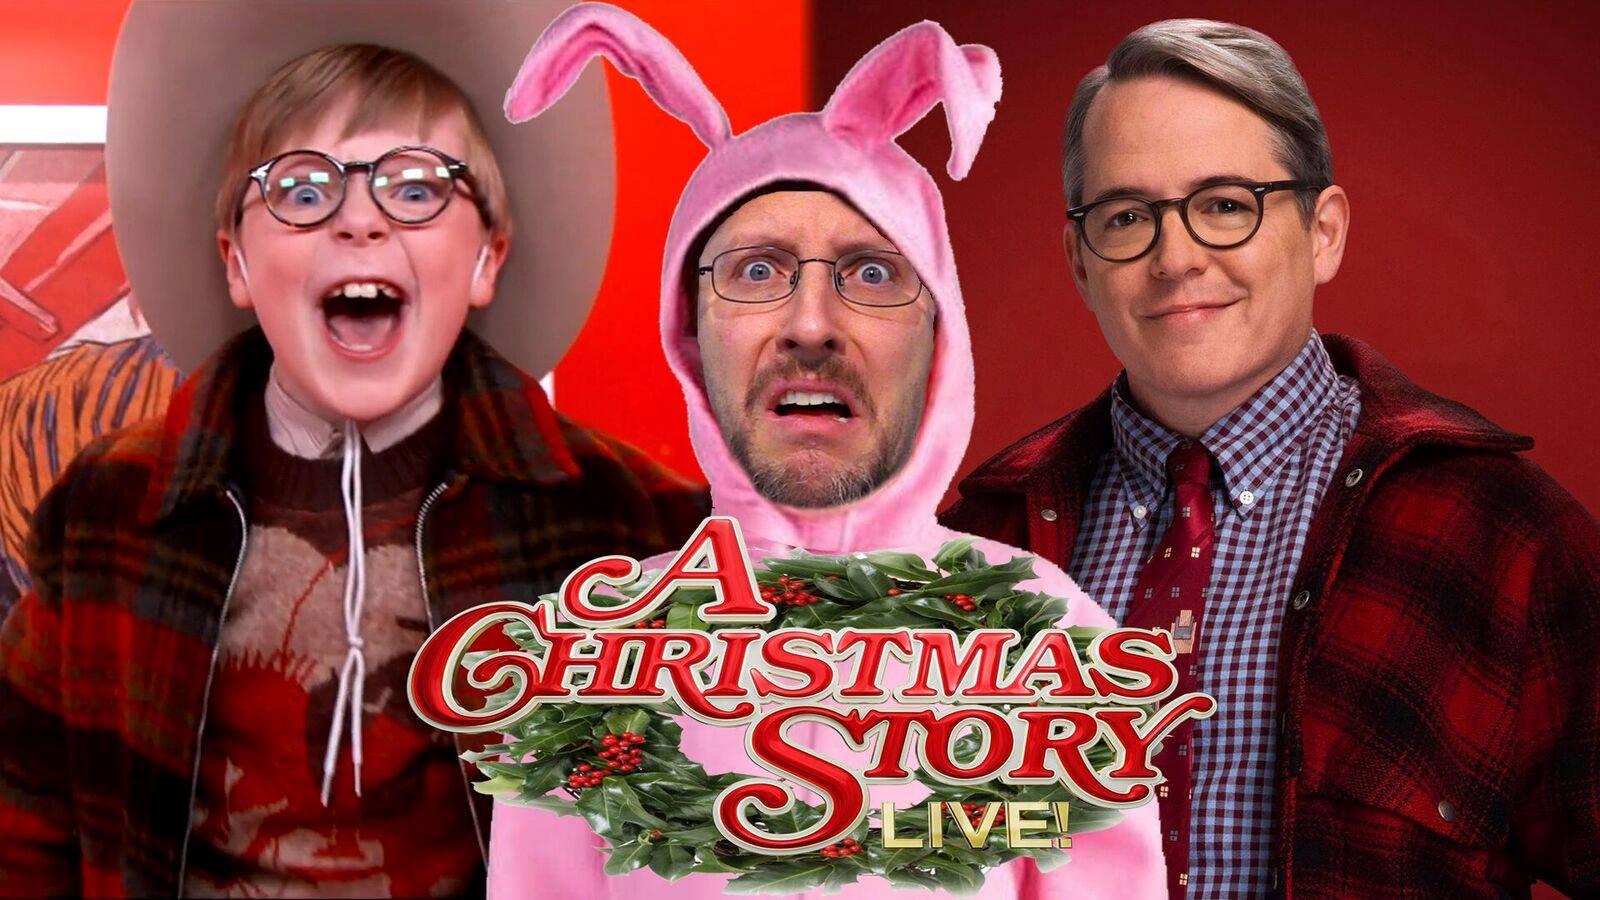 Christmas story live nc